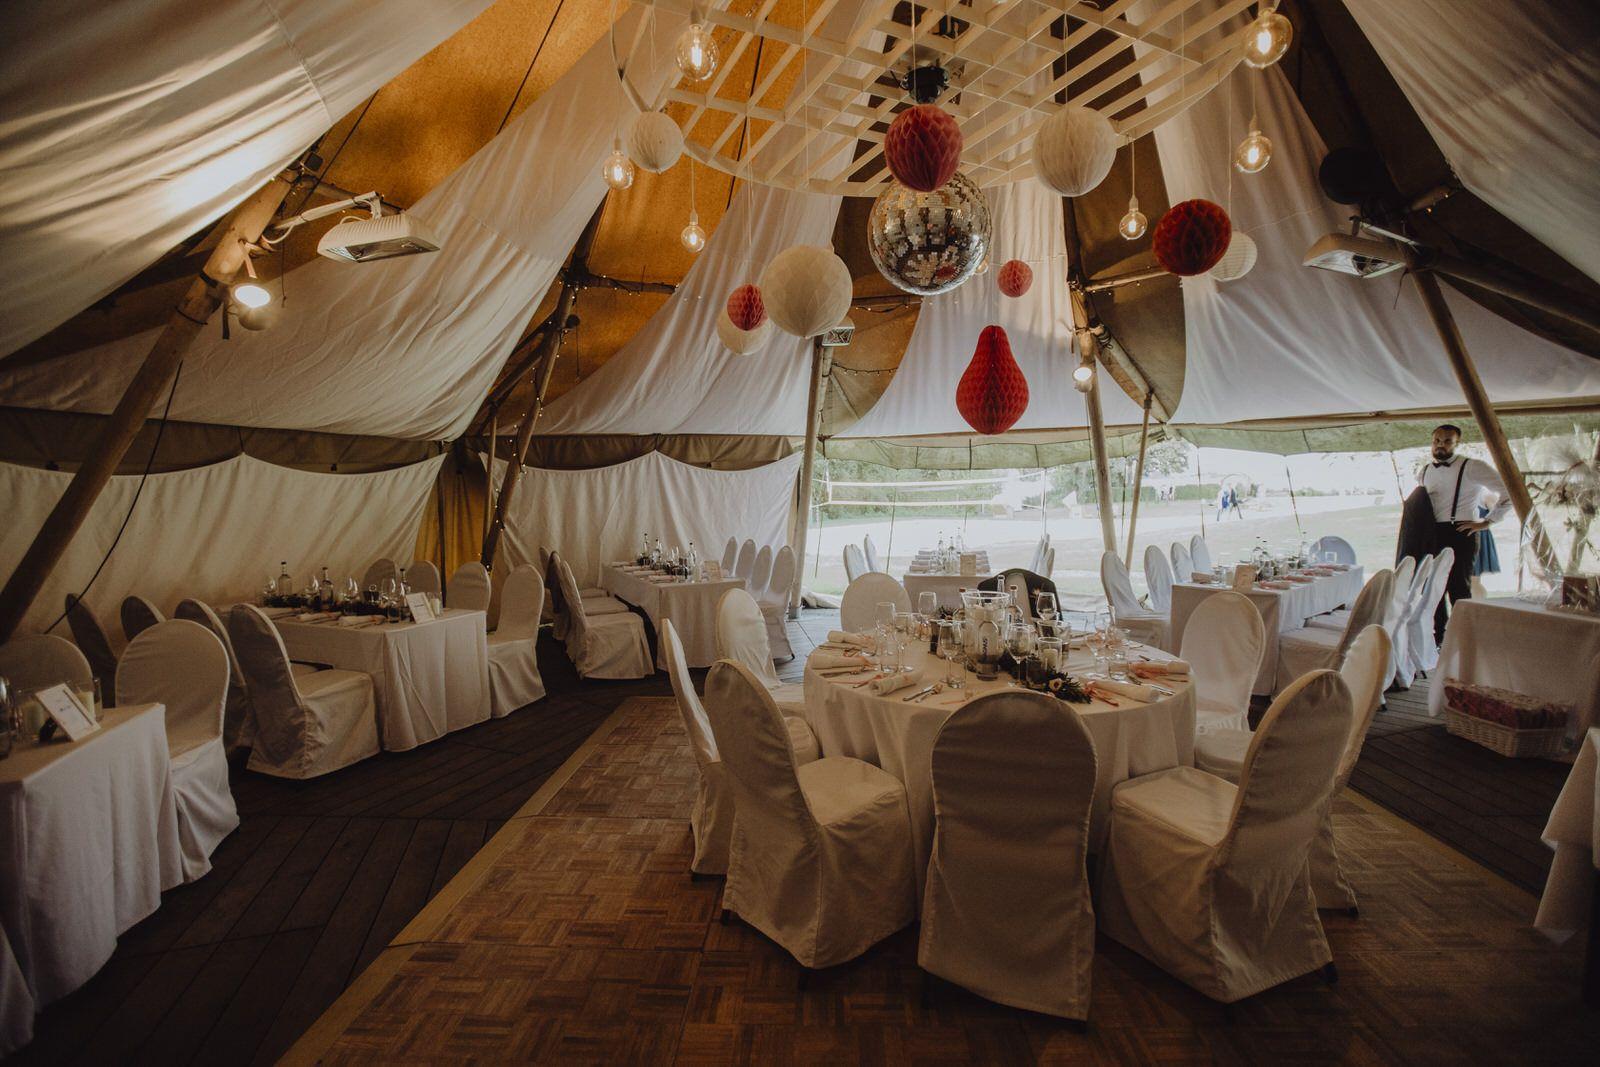 Feiert Bei Uns Im Tipi Tipi Hochzeitslocation Festsaal